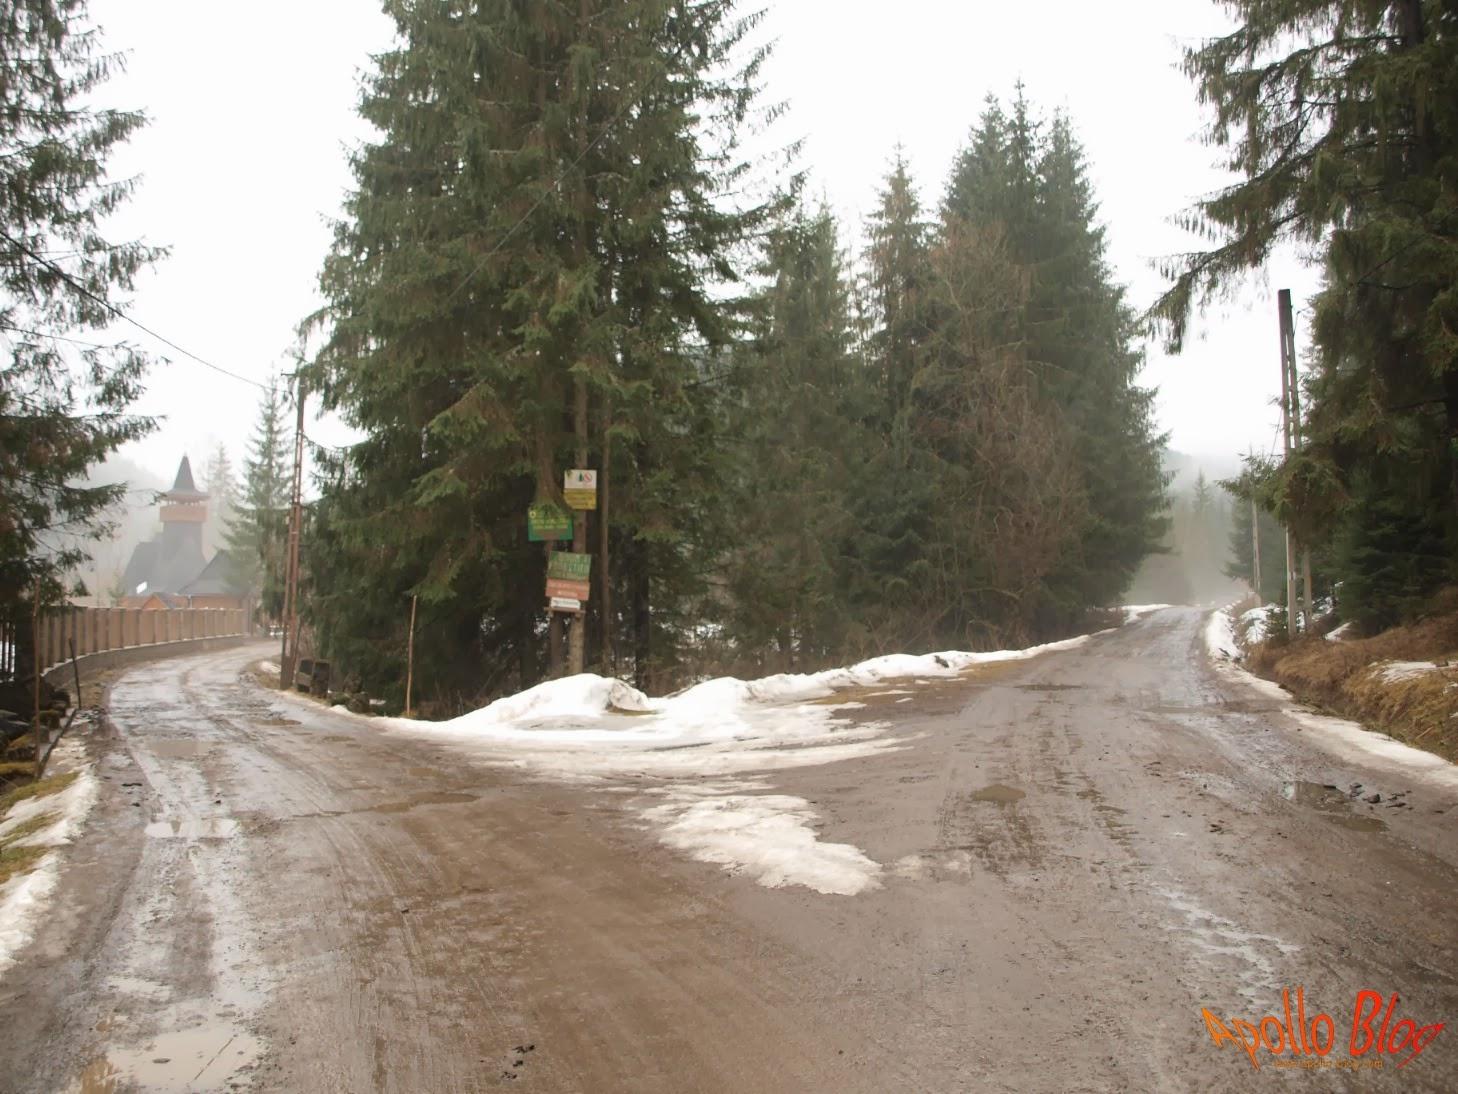 Intersectie cu drum forestier